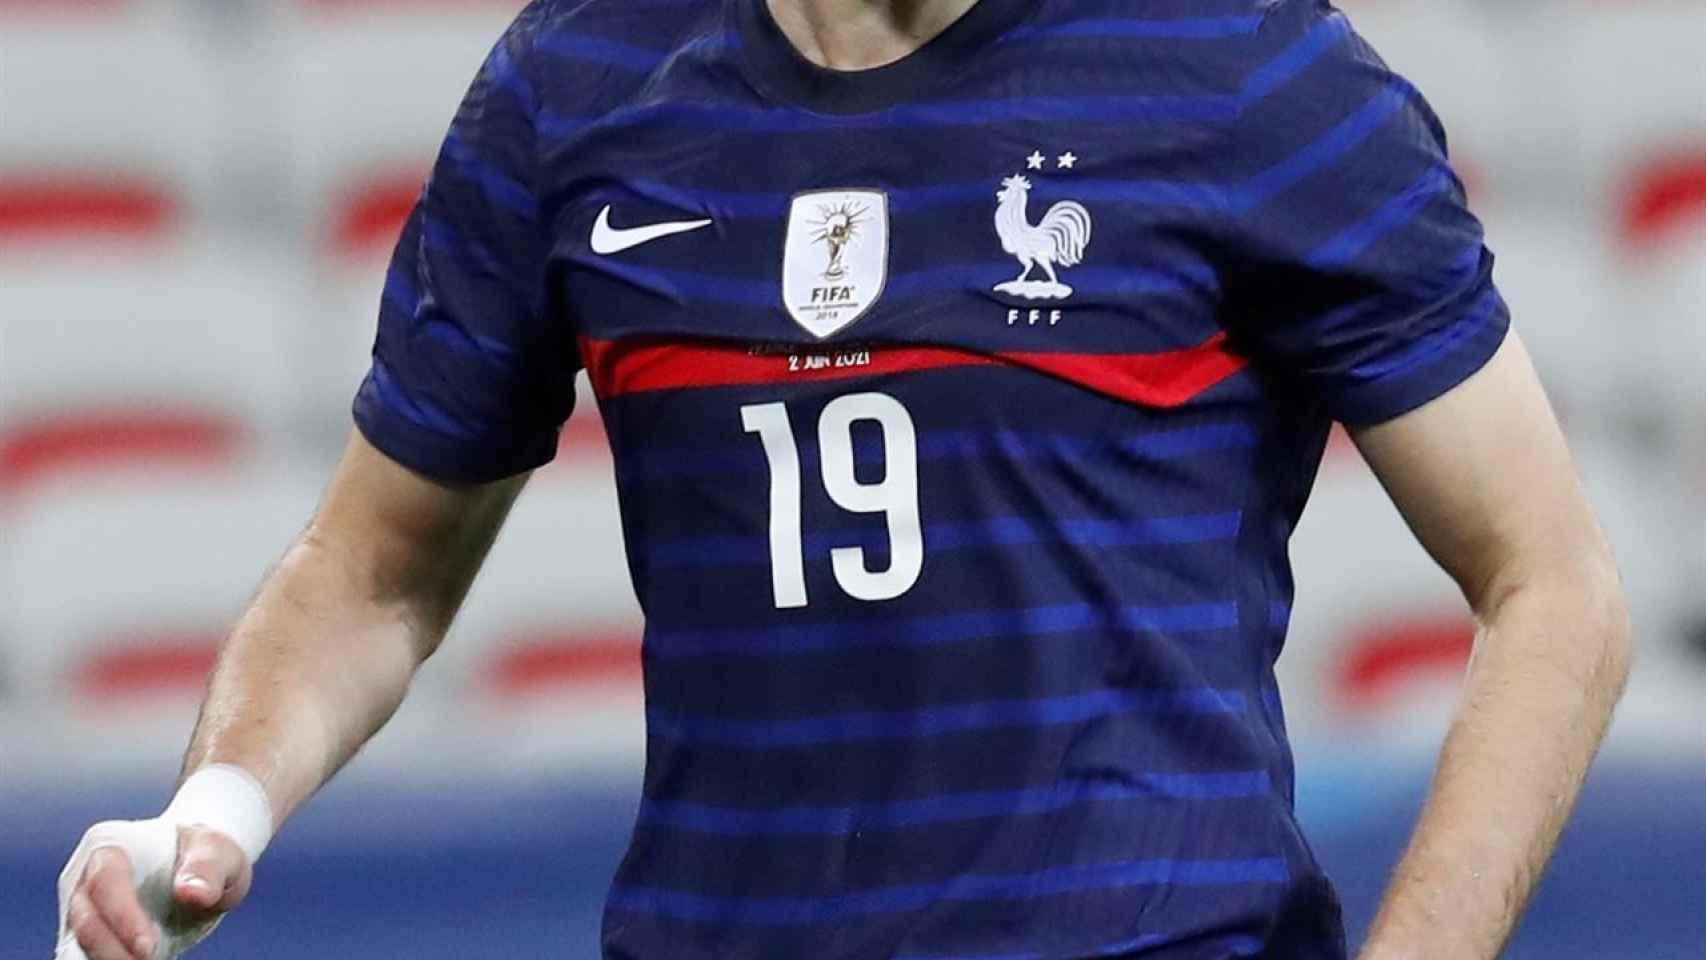 Karim Benzema, en su regreso con la selección de Francia